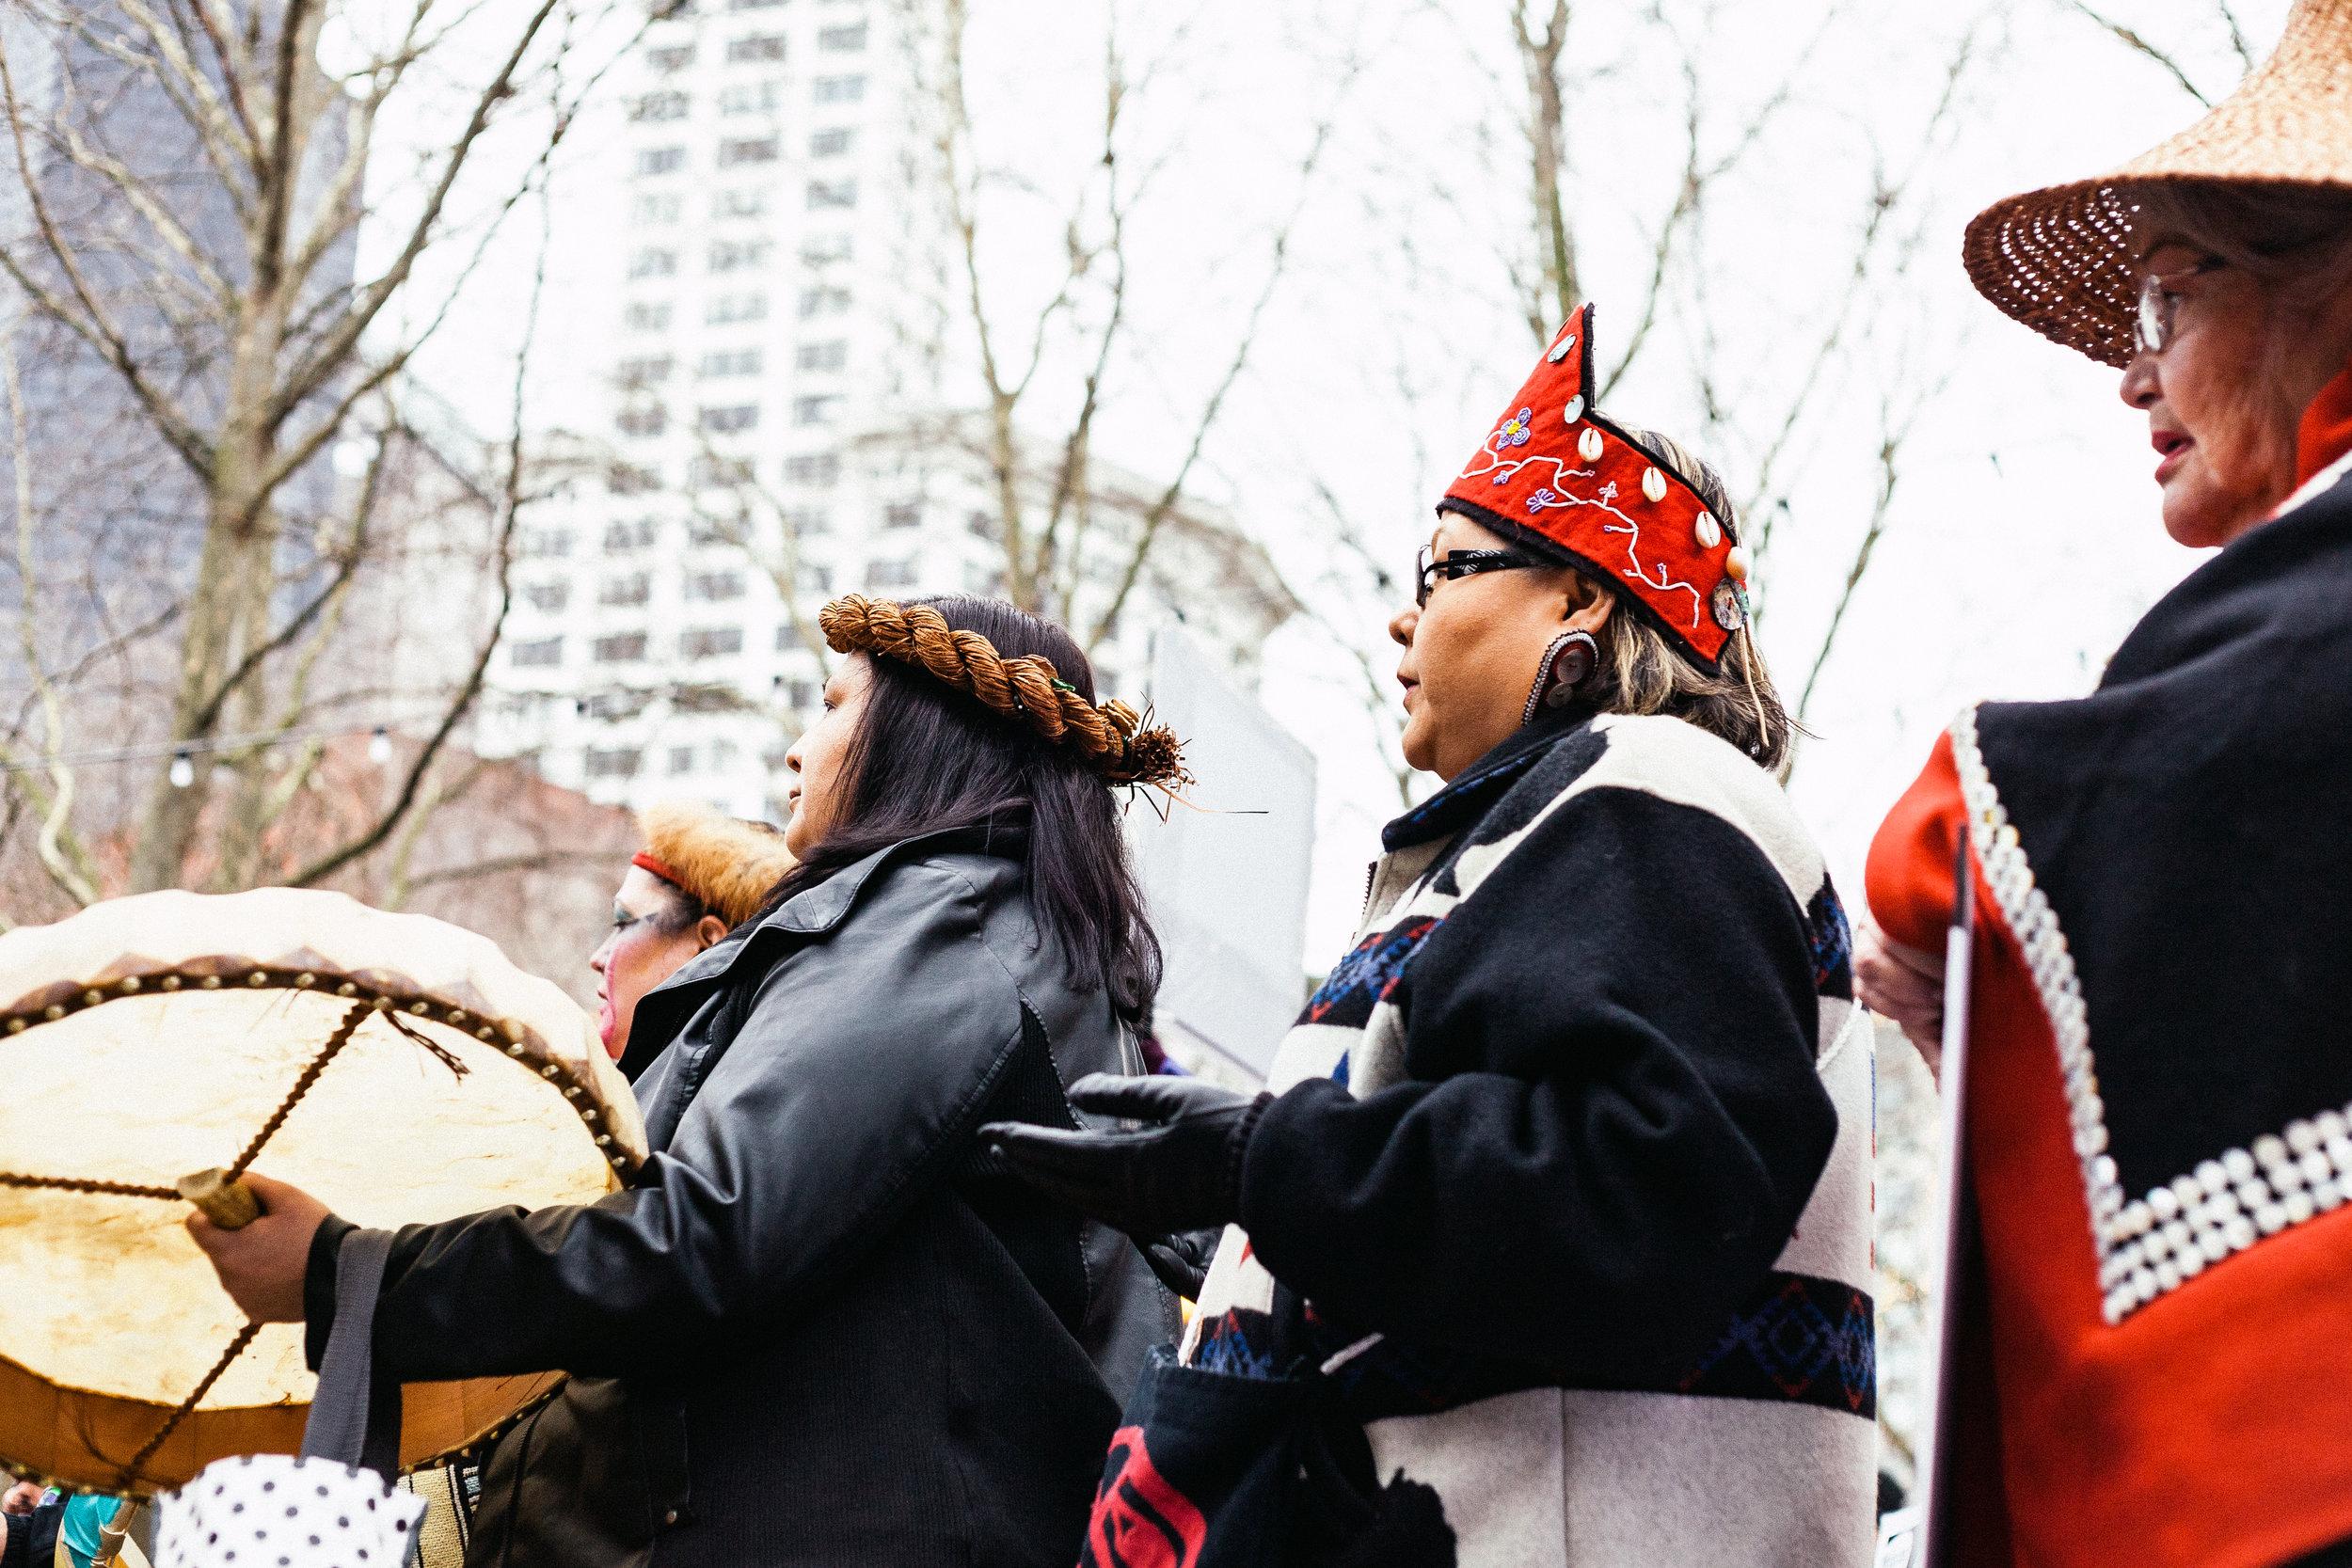 Indigenouswomxnsmarch11.jpg